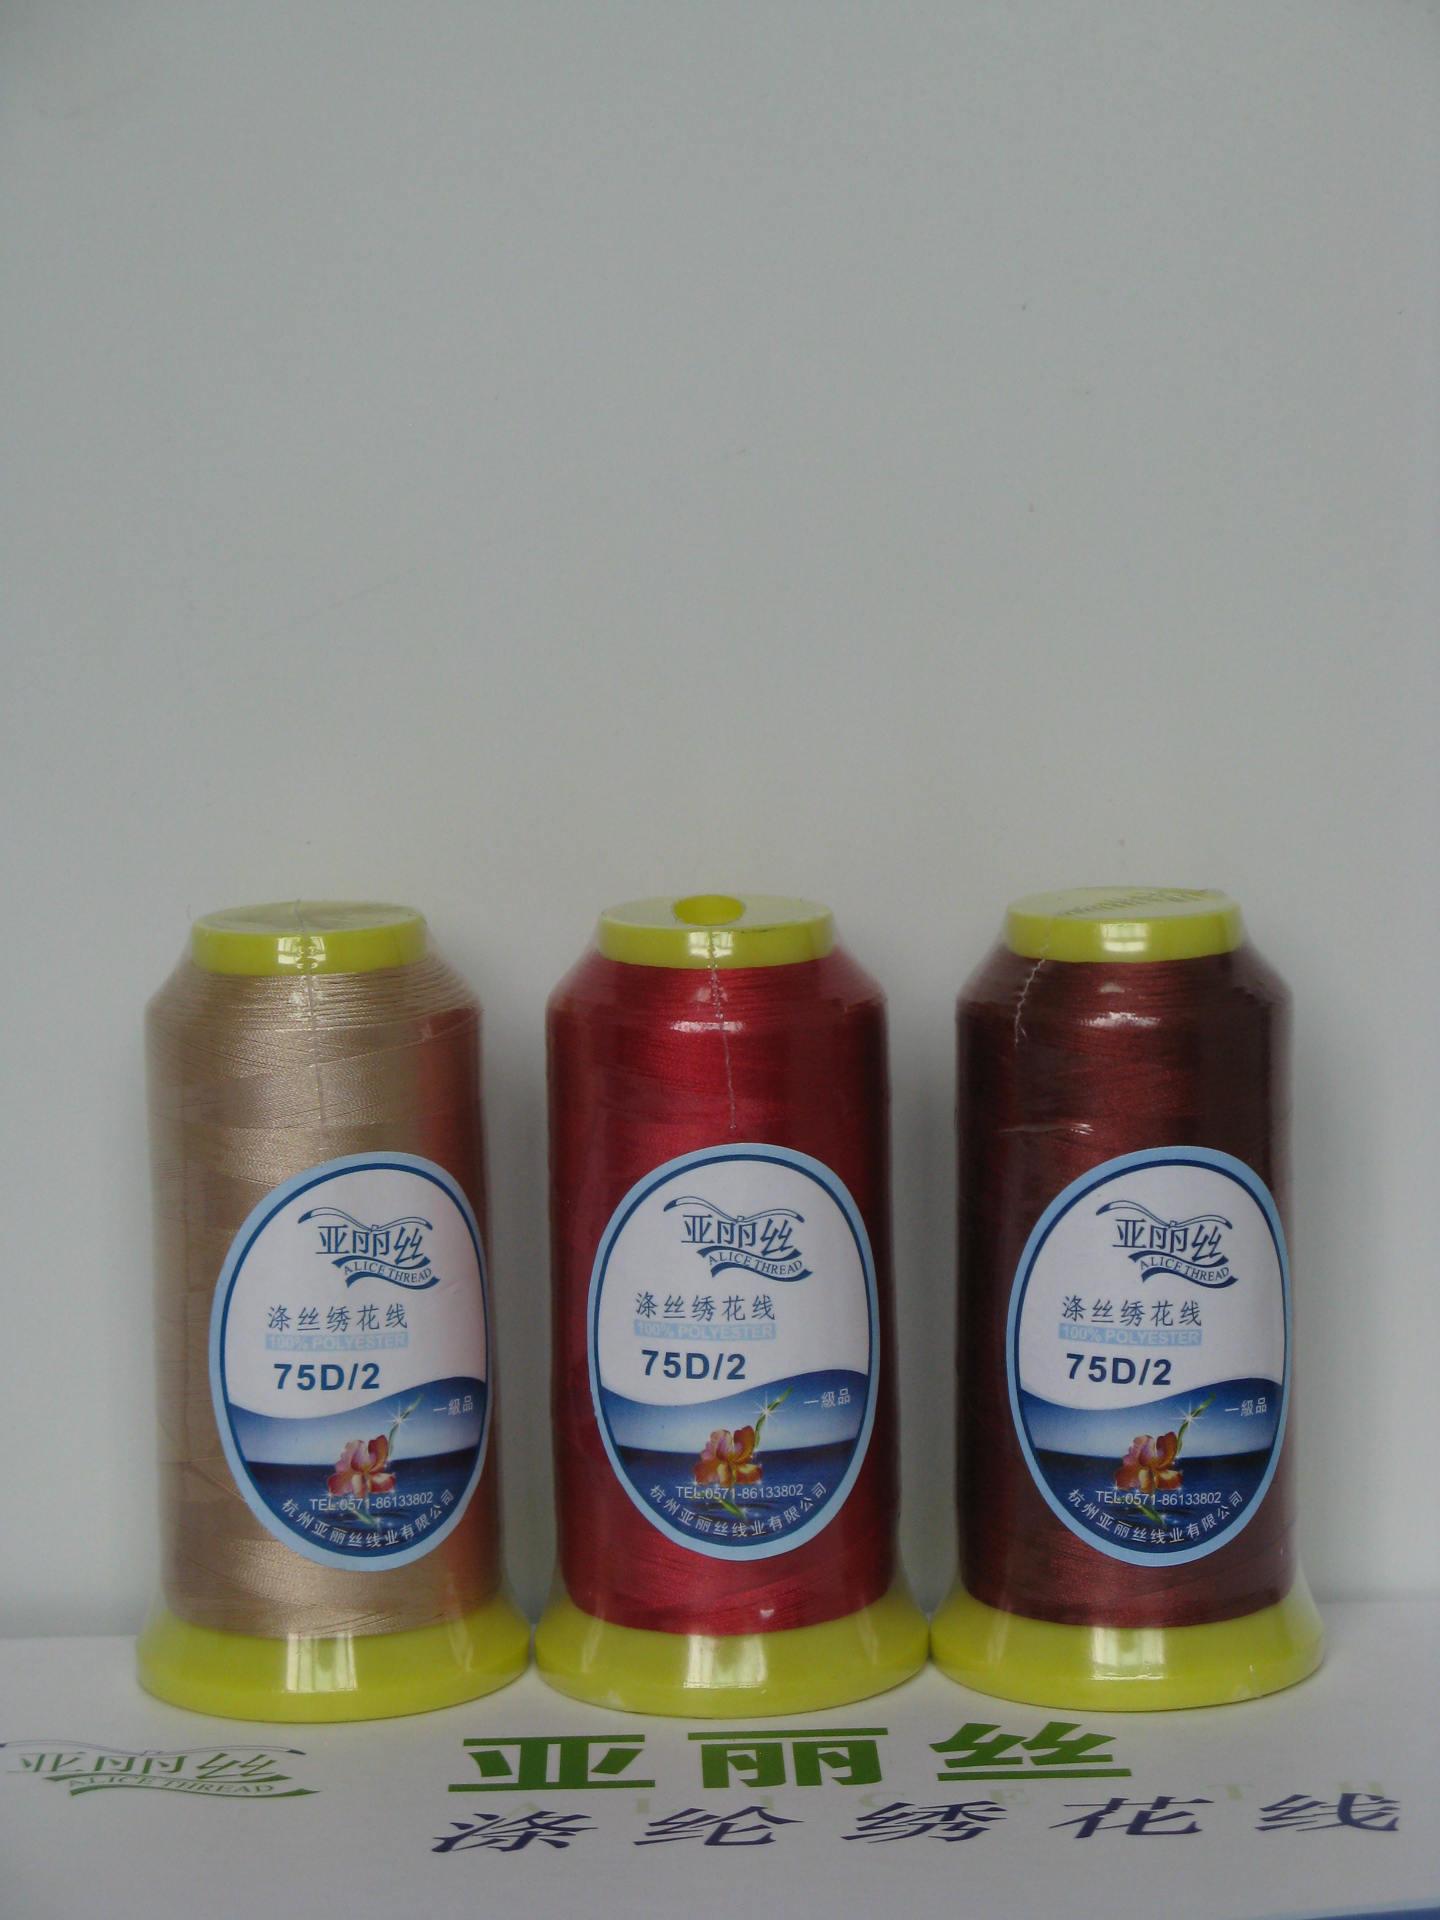 供应75D/2涤纶绣花线,净重50克